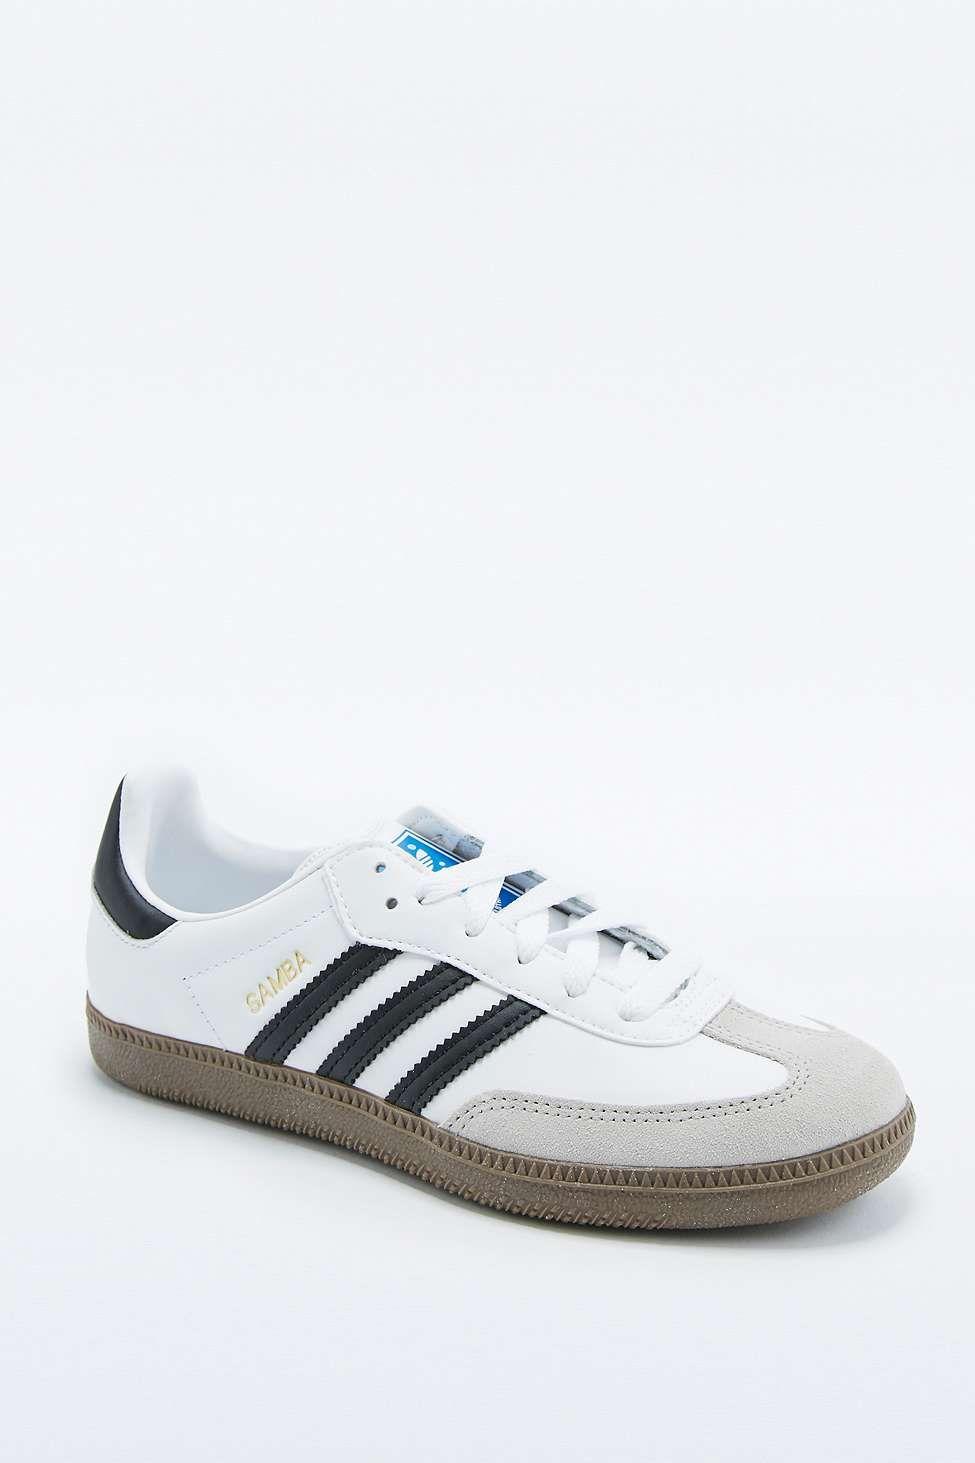 d6946ed160 ... canada adidas originals samba white gumsole trainers e98a1 307ad